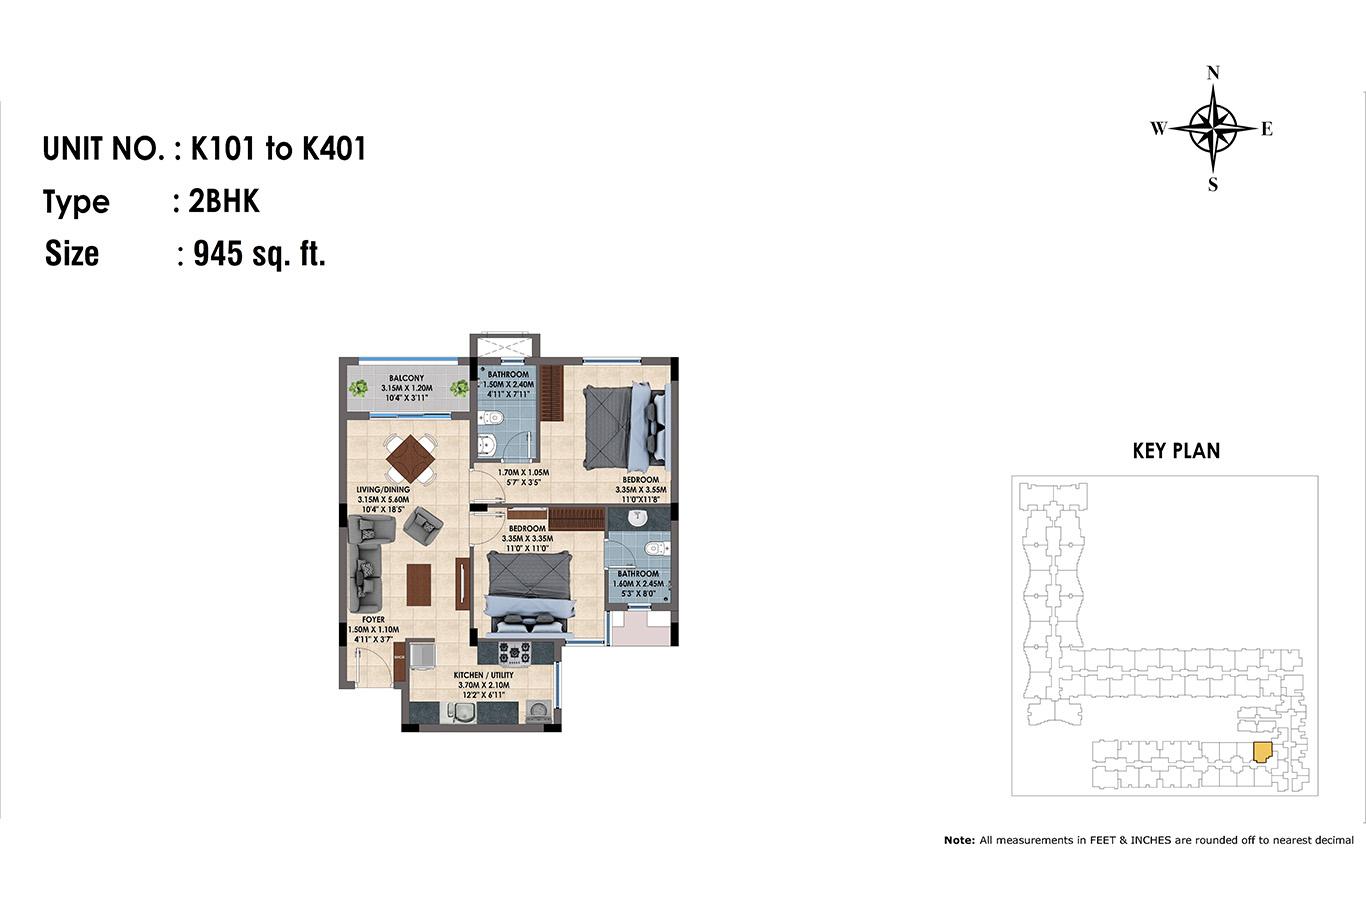 K101 to K401(2BHK)